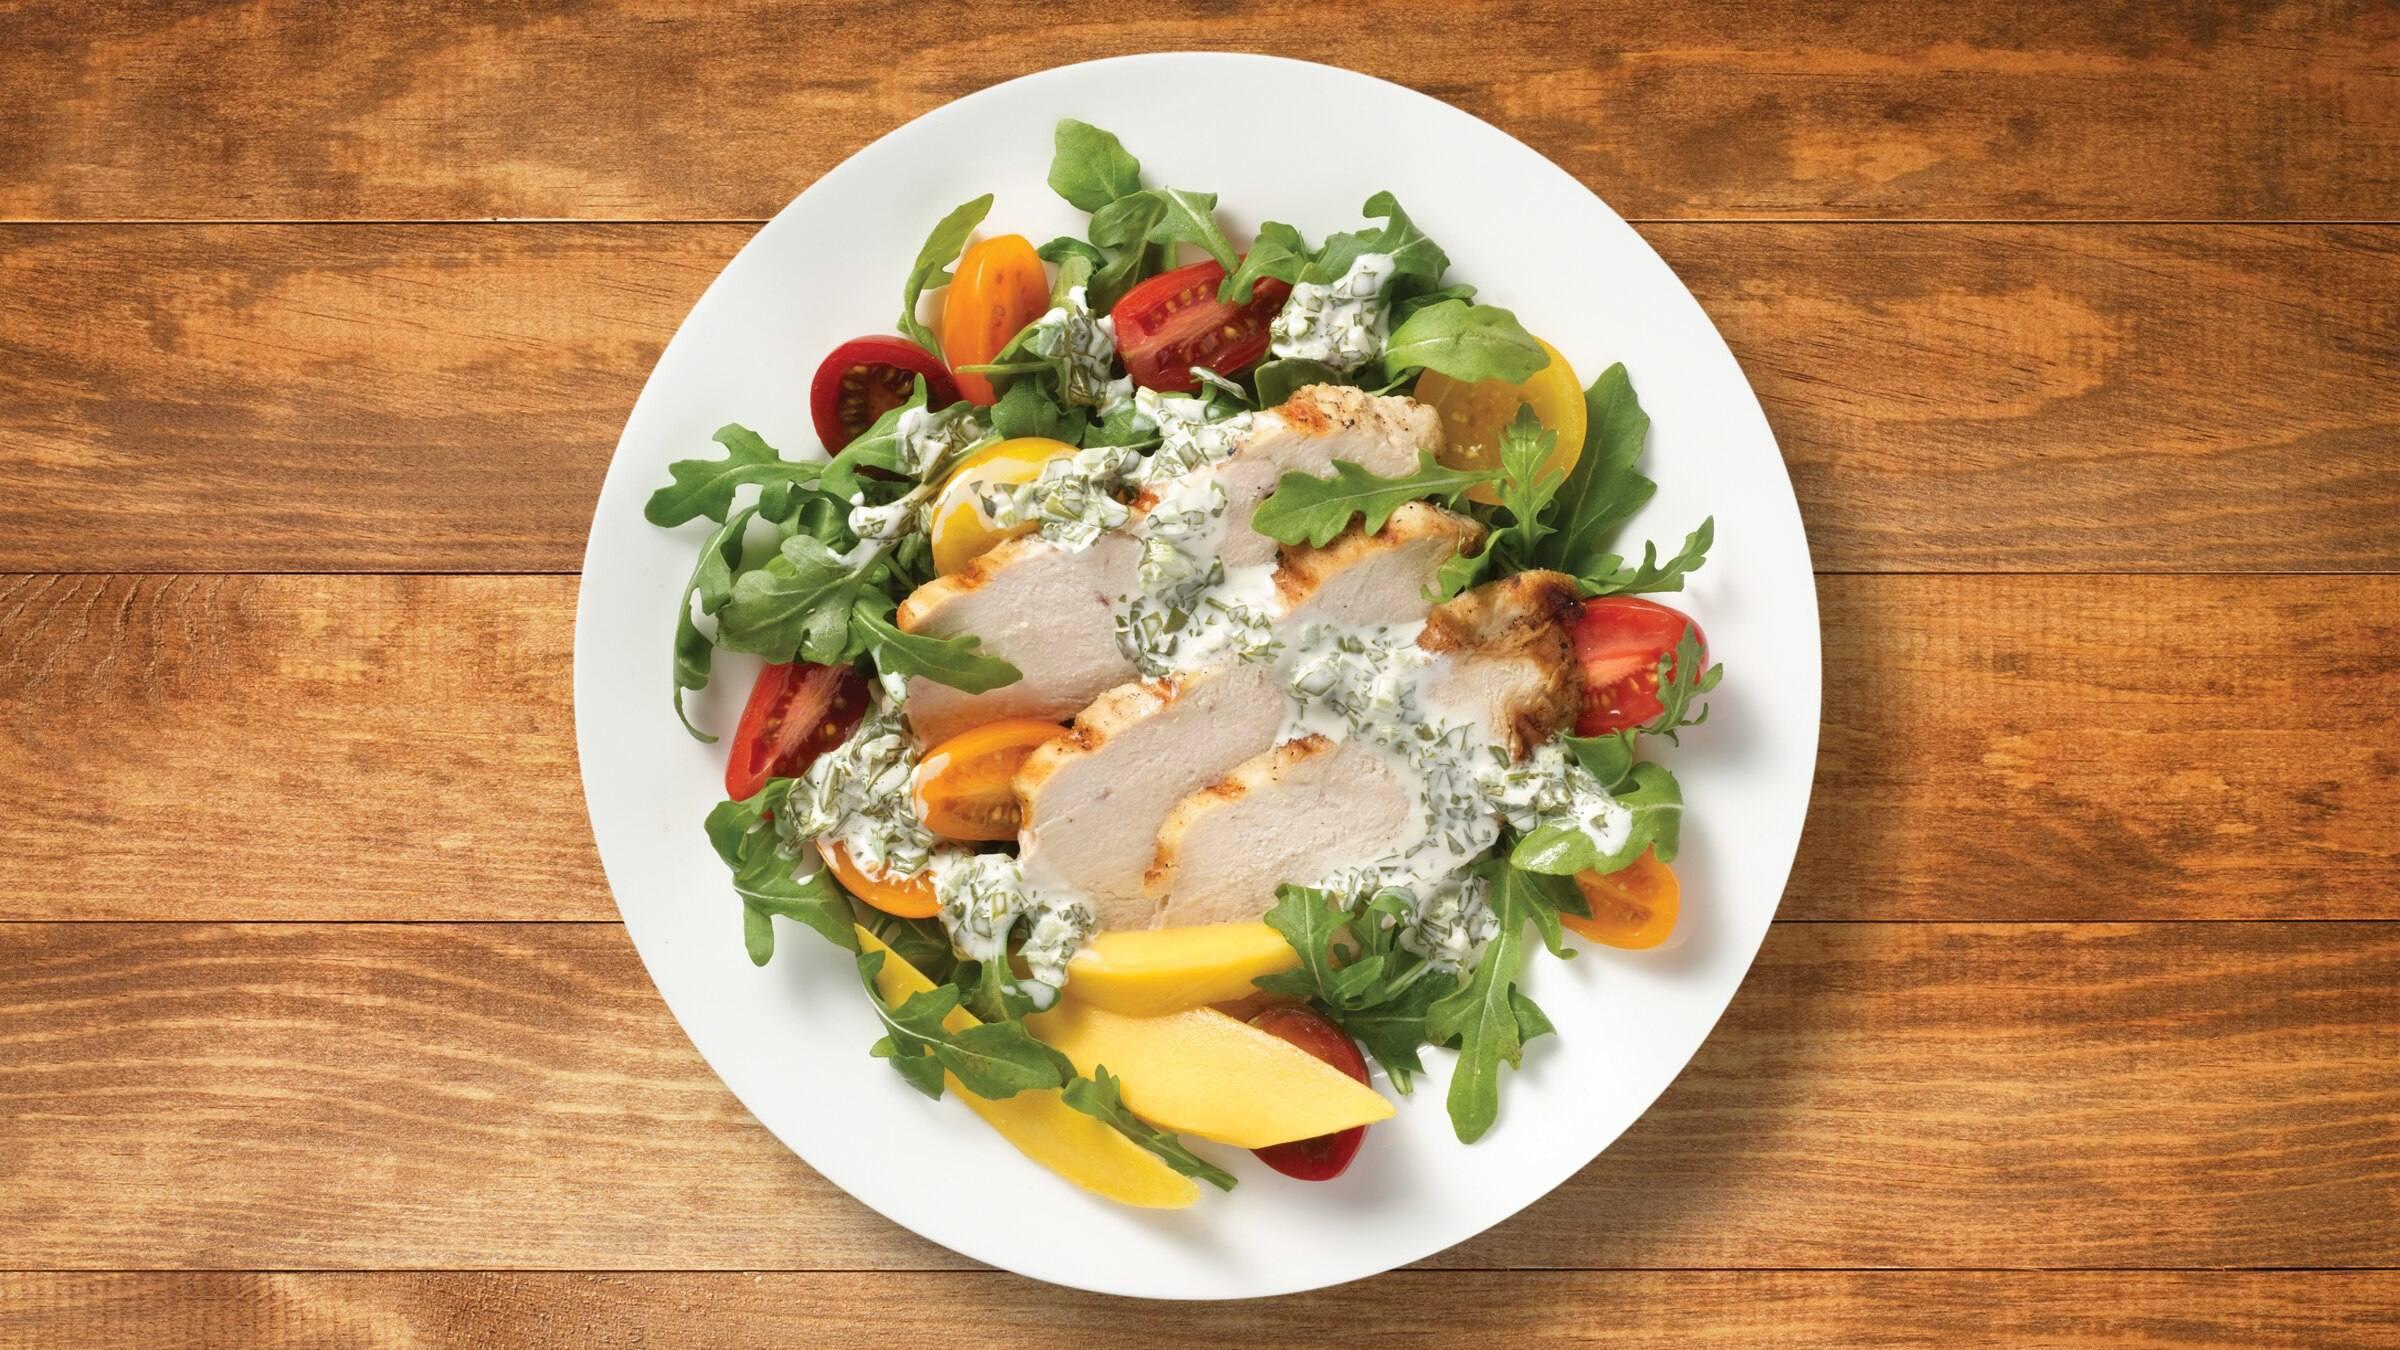 Ensalada de pollo a la parrilla con aderezo de aguacate y limón verde